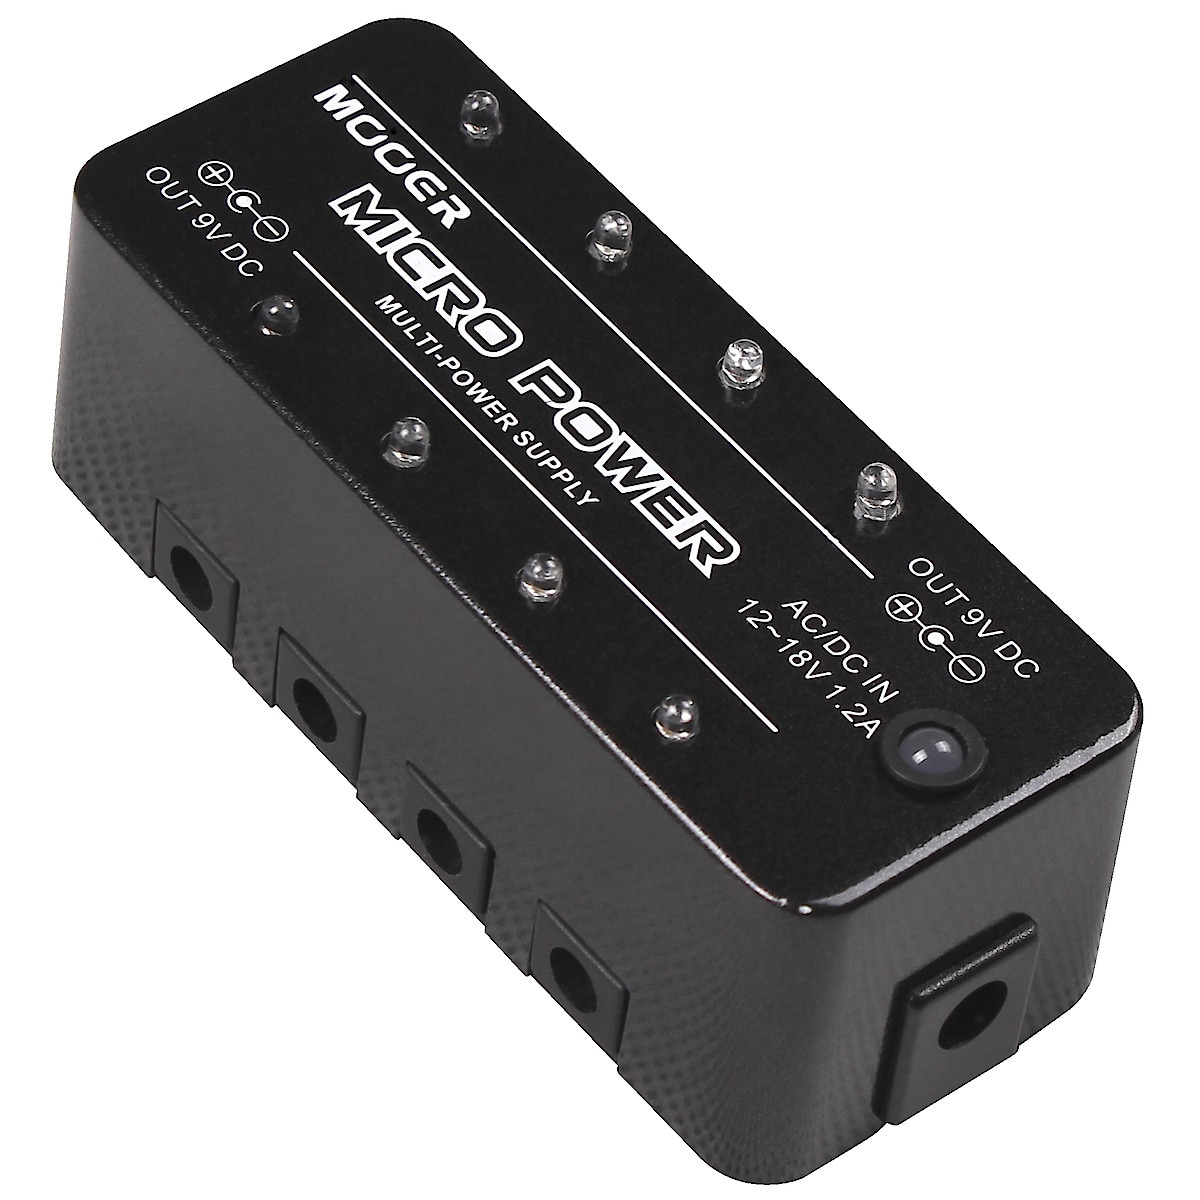 Nätadapter Mooer Micro Power